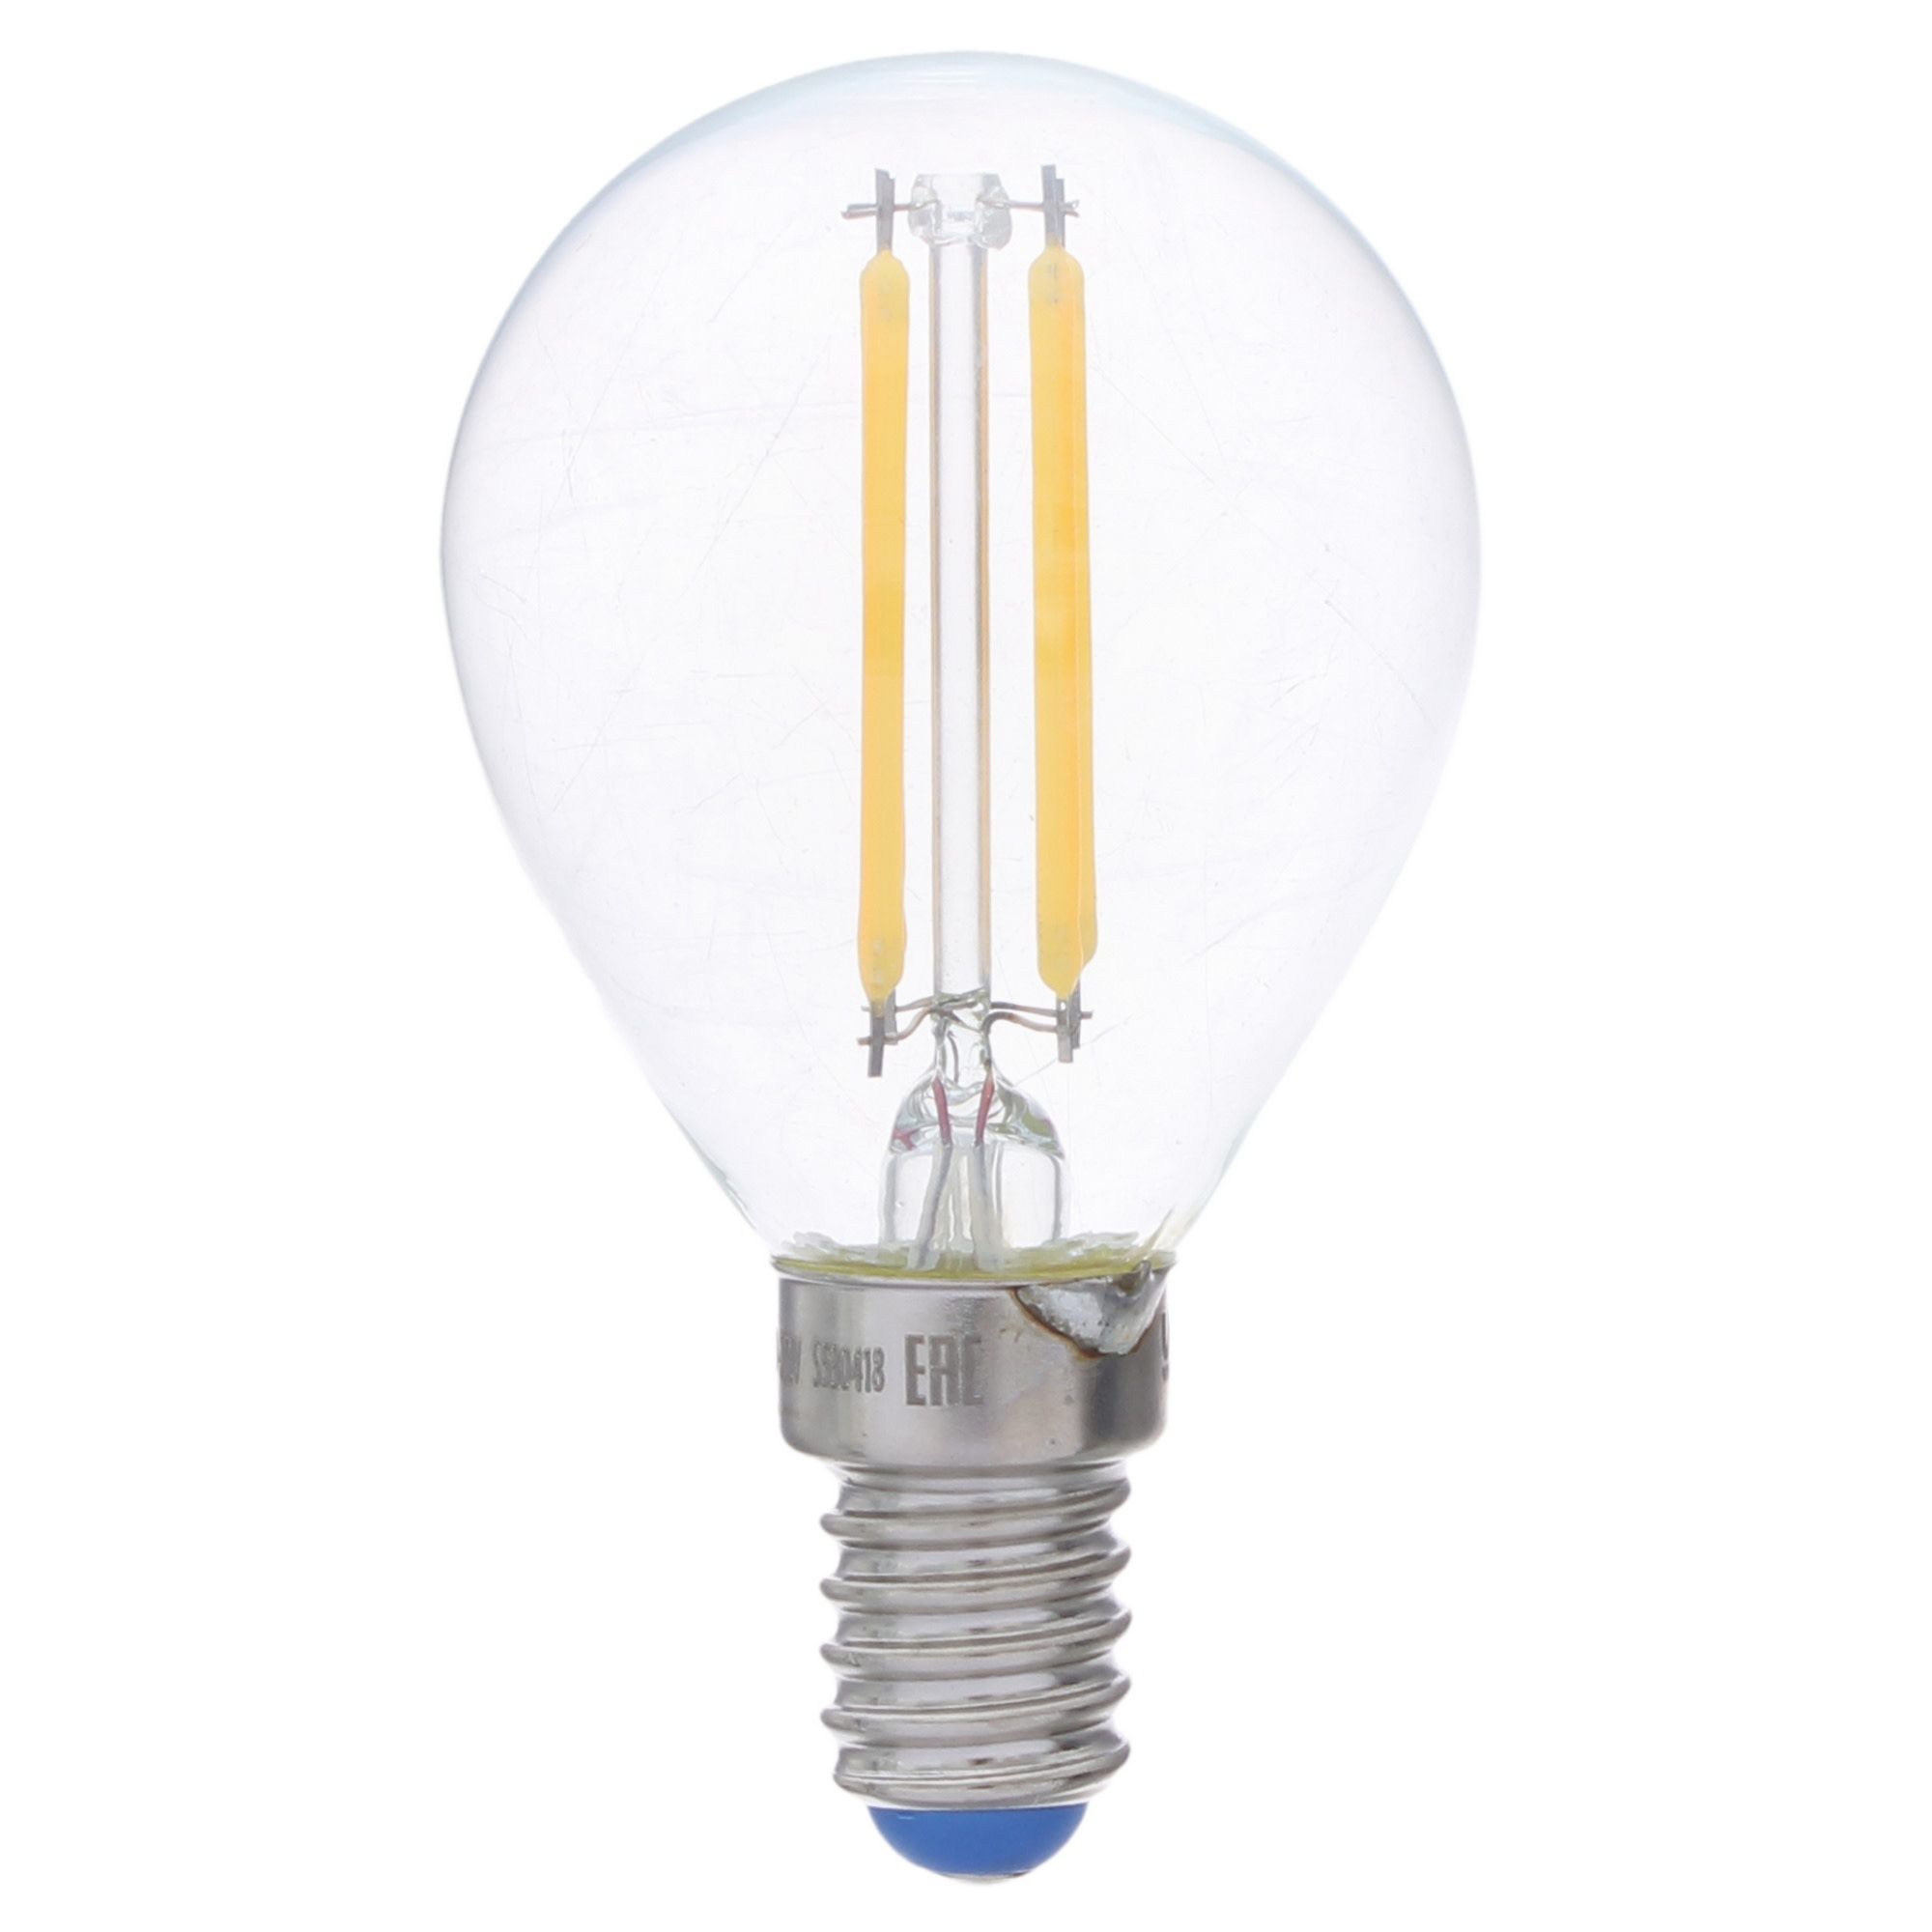 Лампа светодиодная филаментная Airdim форма шар E14 5 Вт 500 Лм свет тёплый